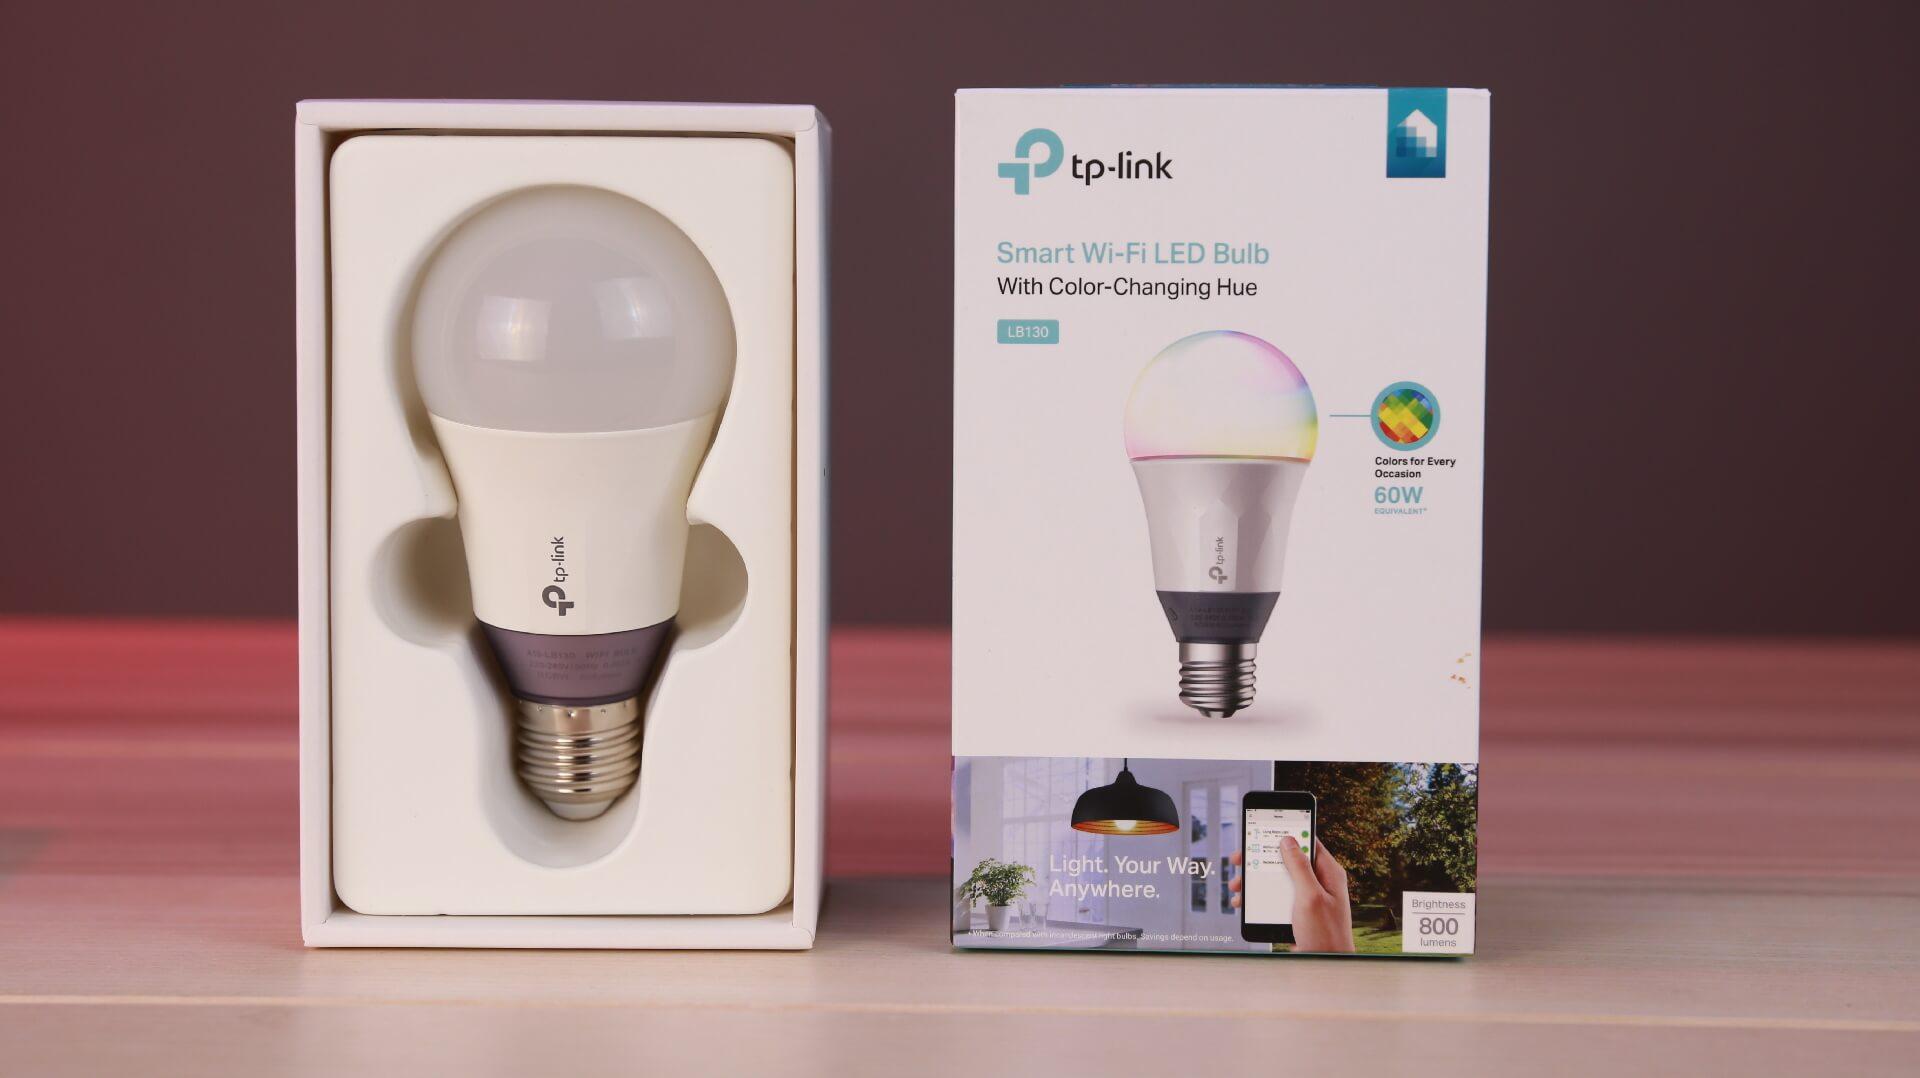 مراجعة المصباح الذكي TP-Link Kasa LB130 | إبدأ منزلك الذكي